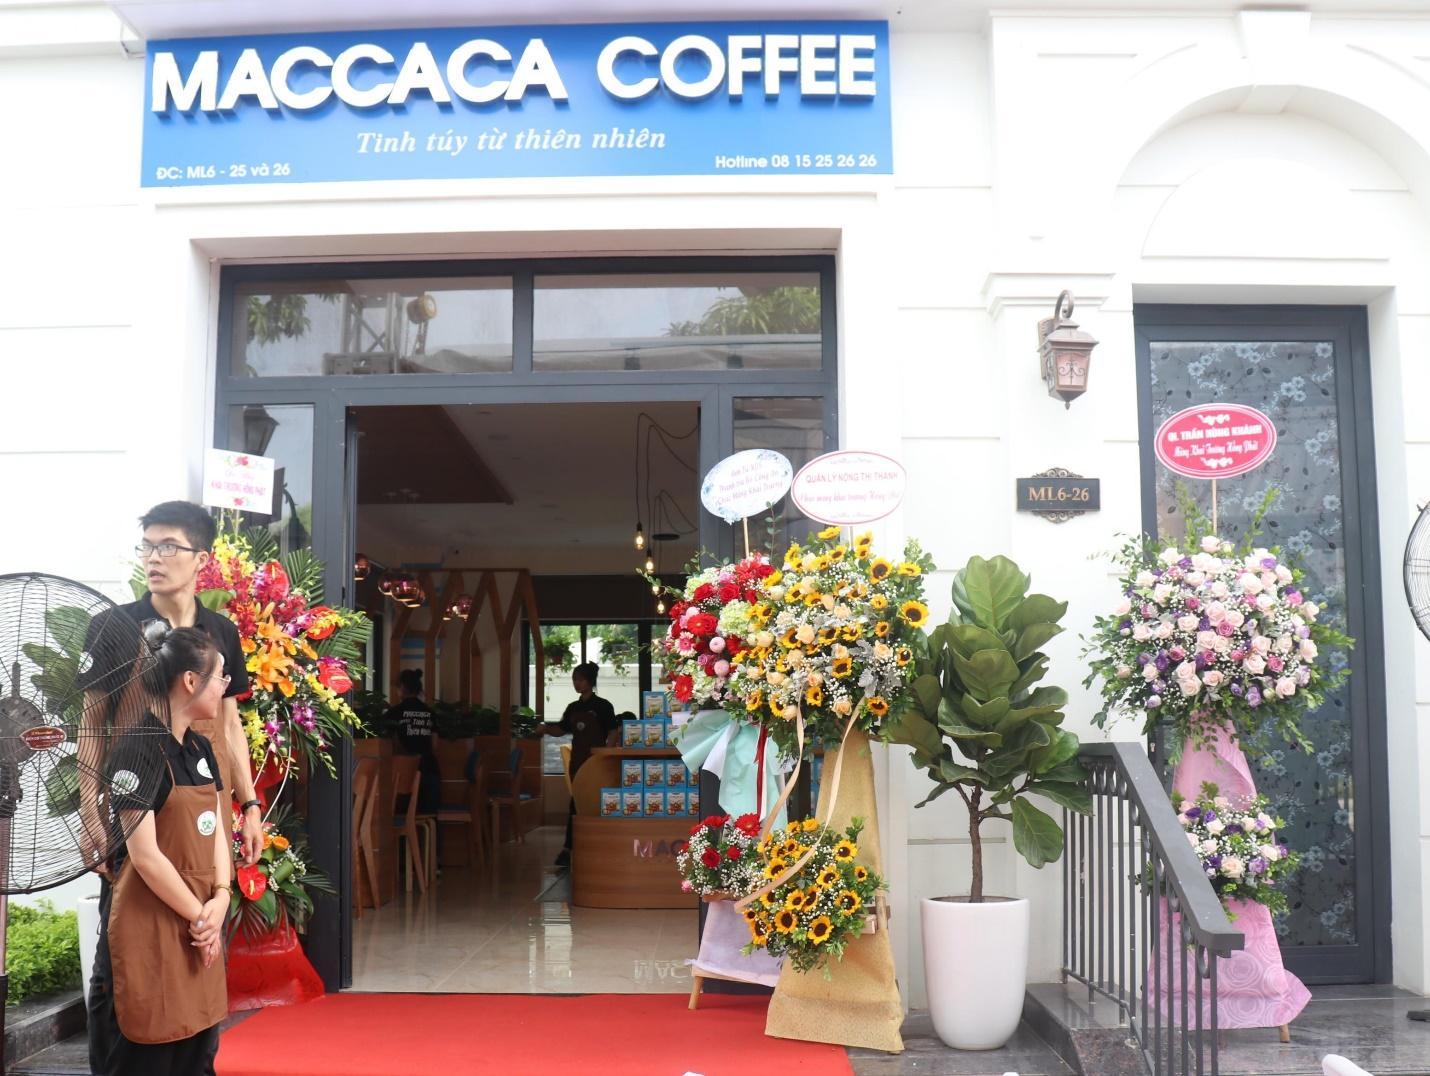 Công thức mở tới 10 cửa hàng Cafe trong 1 năm ( Điểm mới giúp họ kiếm tiền thành công)